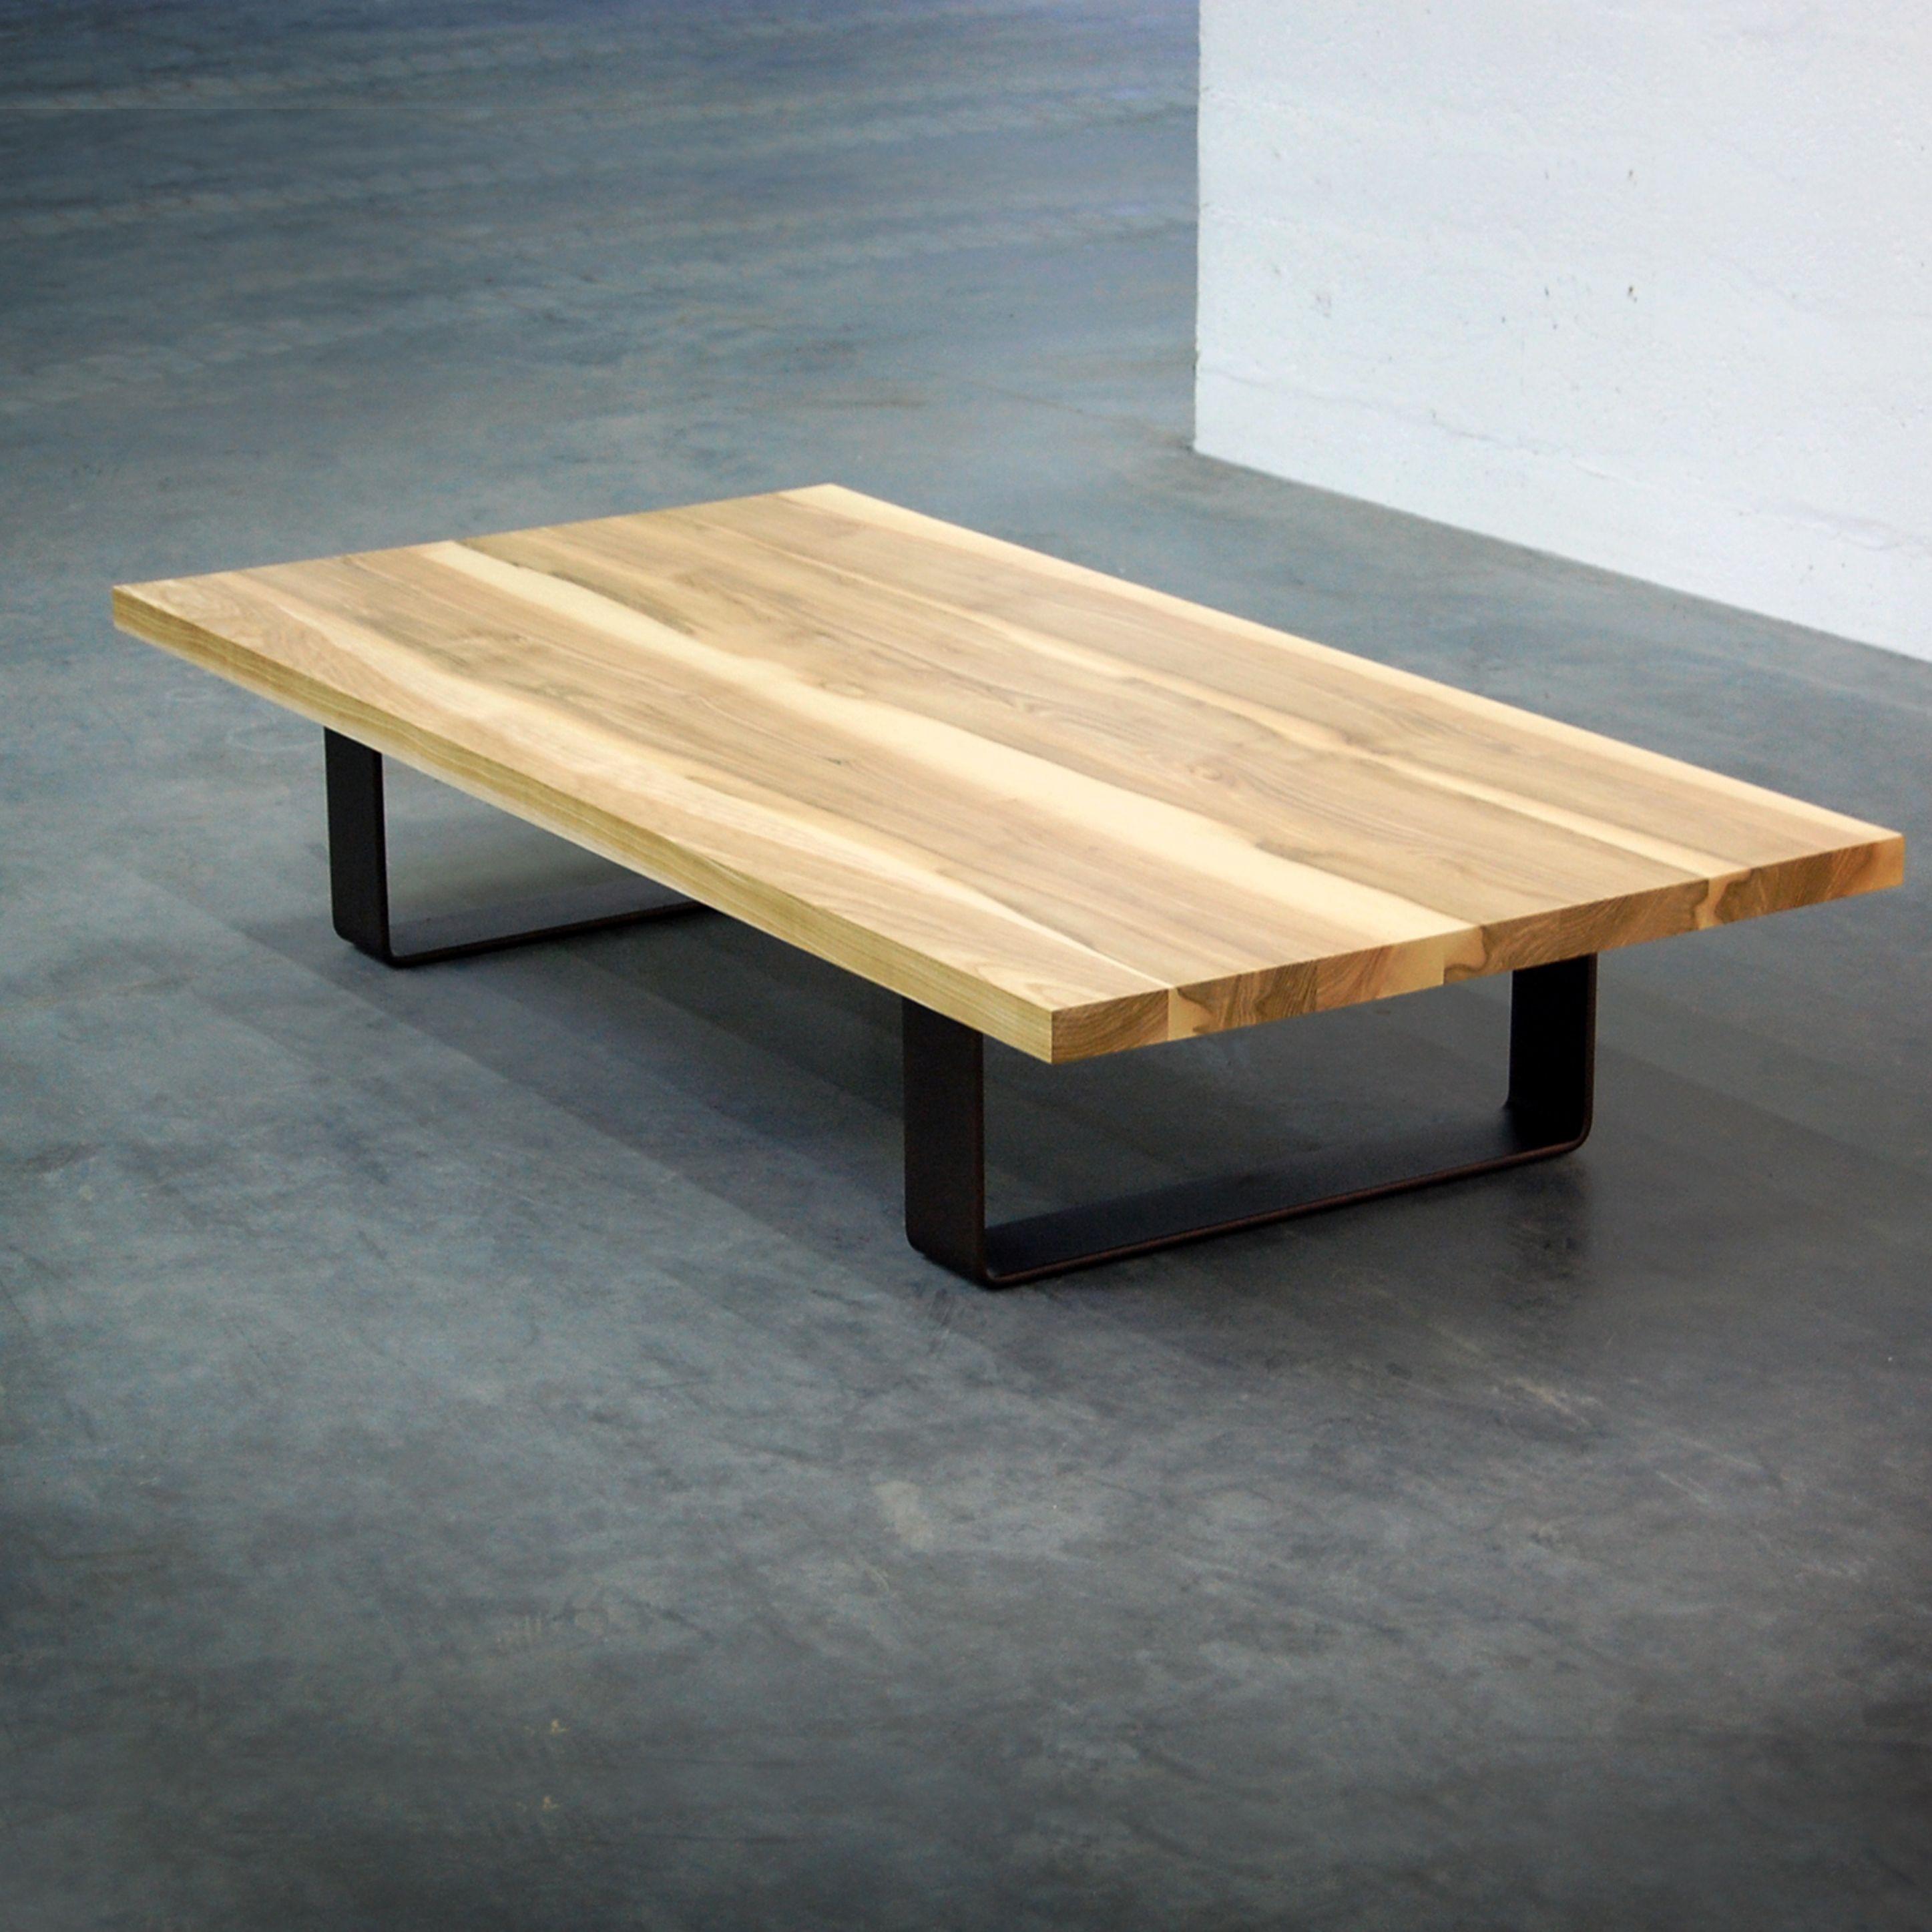 f3998f4d5d6b1e464625d2e08369e4c6 Impressionnant De Table Basse Bois Naturel Des Idées